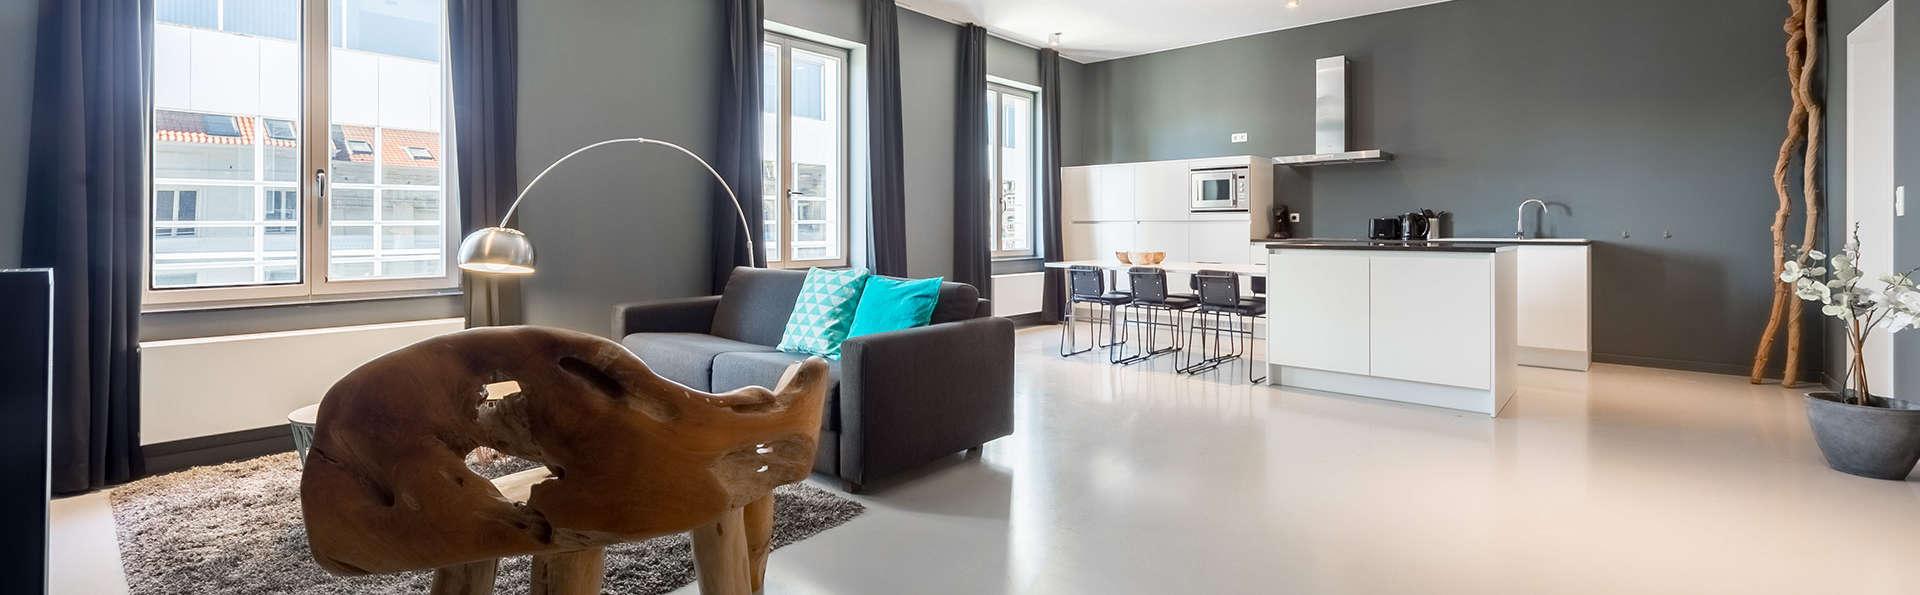 Verblijf in een ruim appartement in hartje Brussel